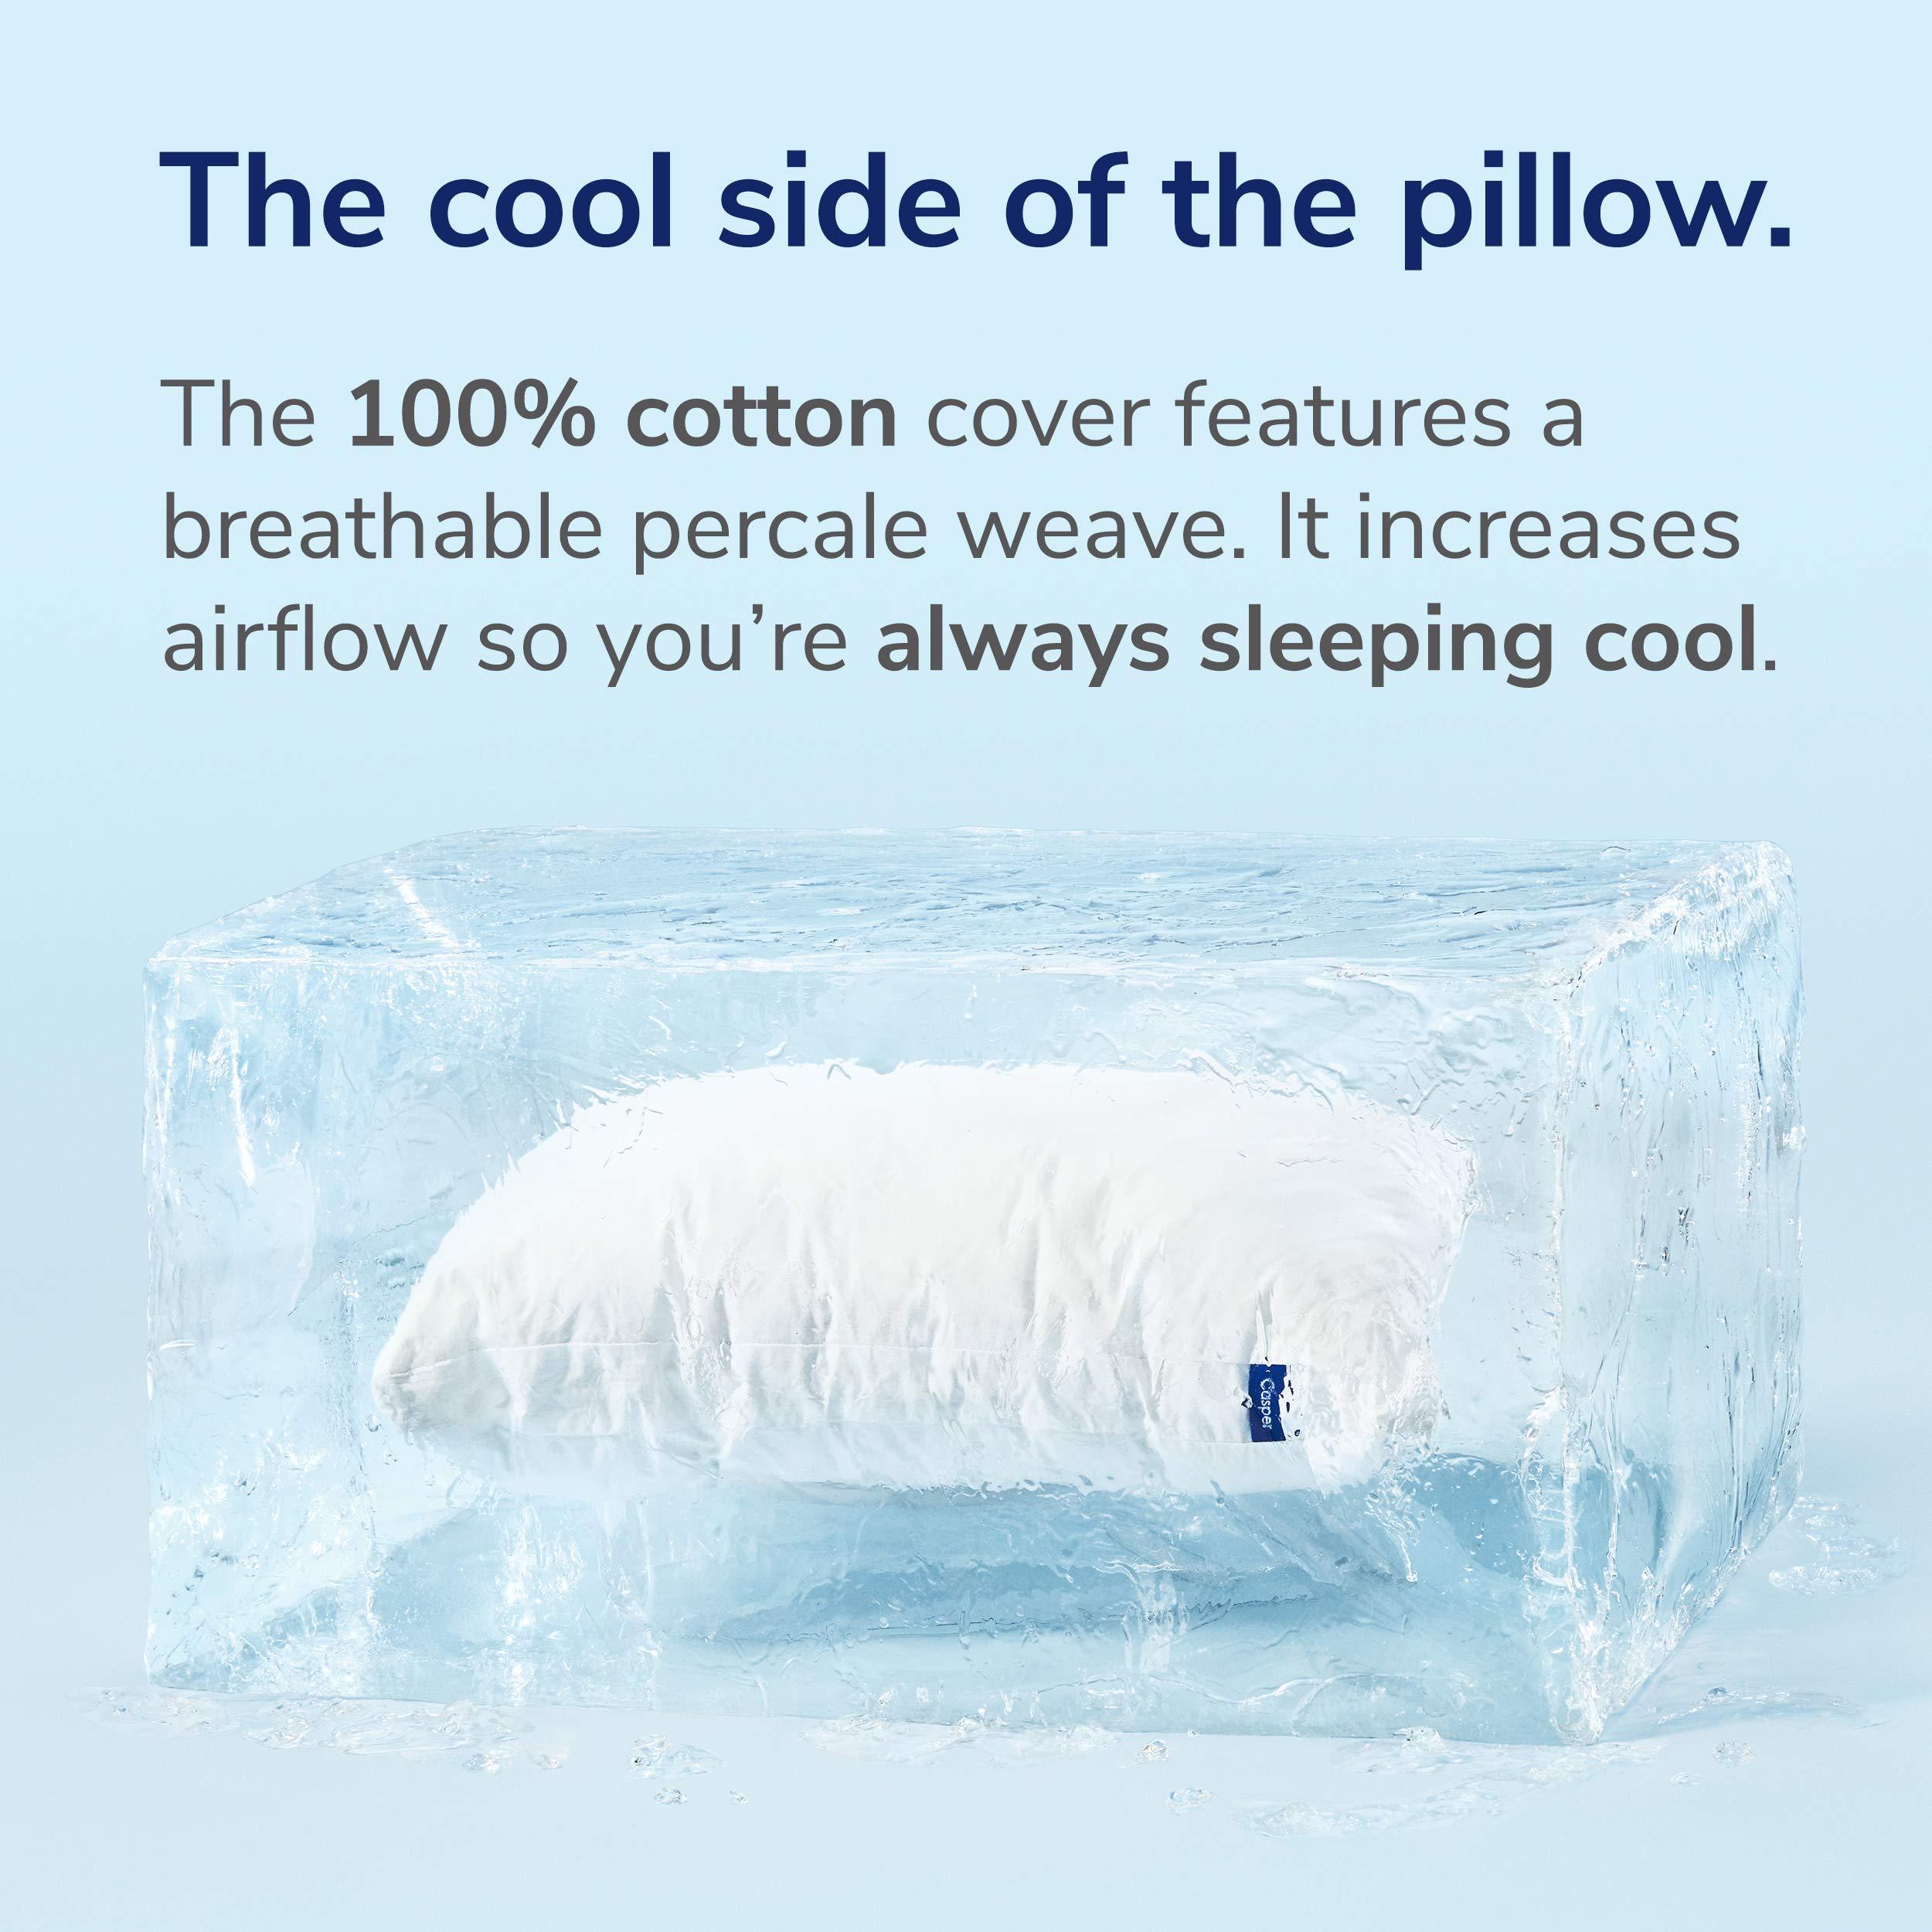 Casper Pillow for Sleeping, Standard, White by Casper Sleep (Image #5)